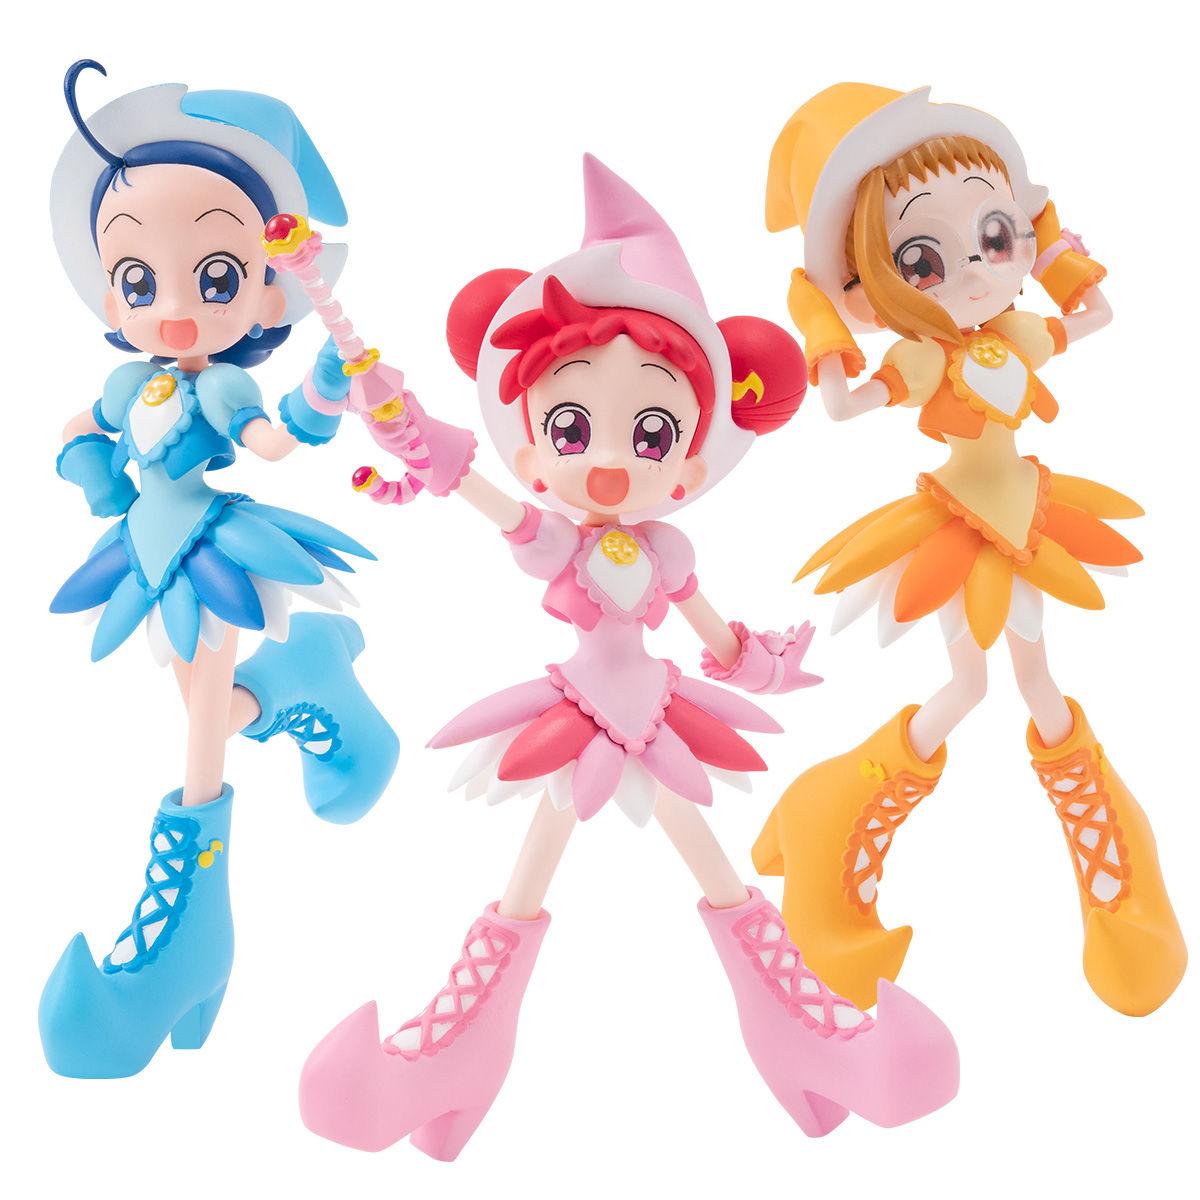 【限定販売】HG GIRLS『おジャ魔女どれみセット』3体セット-010